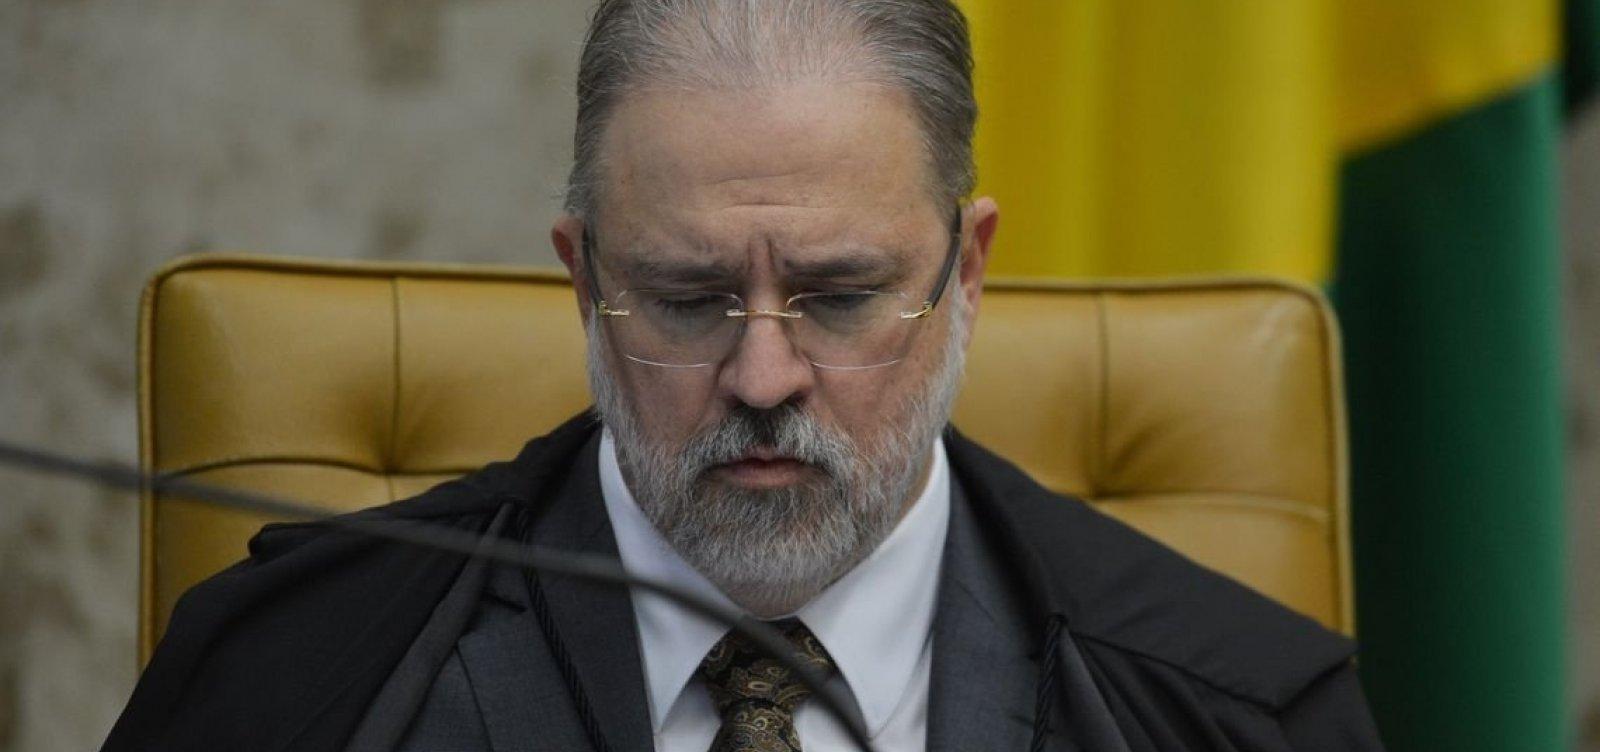 [Aras destitui procuradora crítica de Bolsonaro de conselho de direitos humanos e assume o cargo]